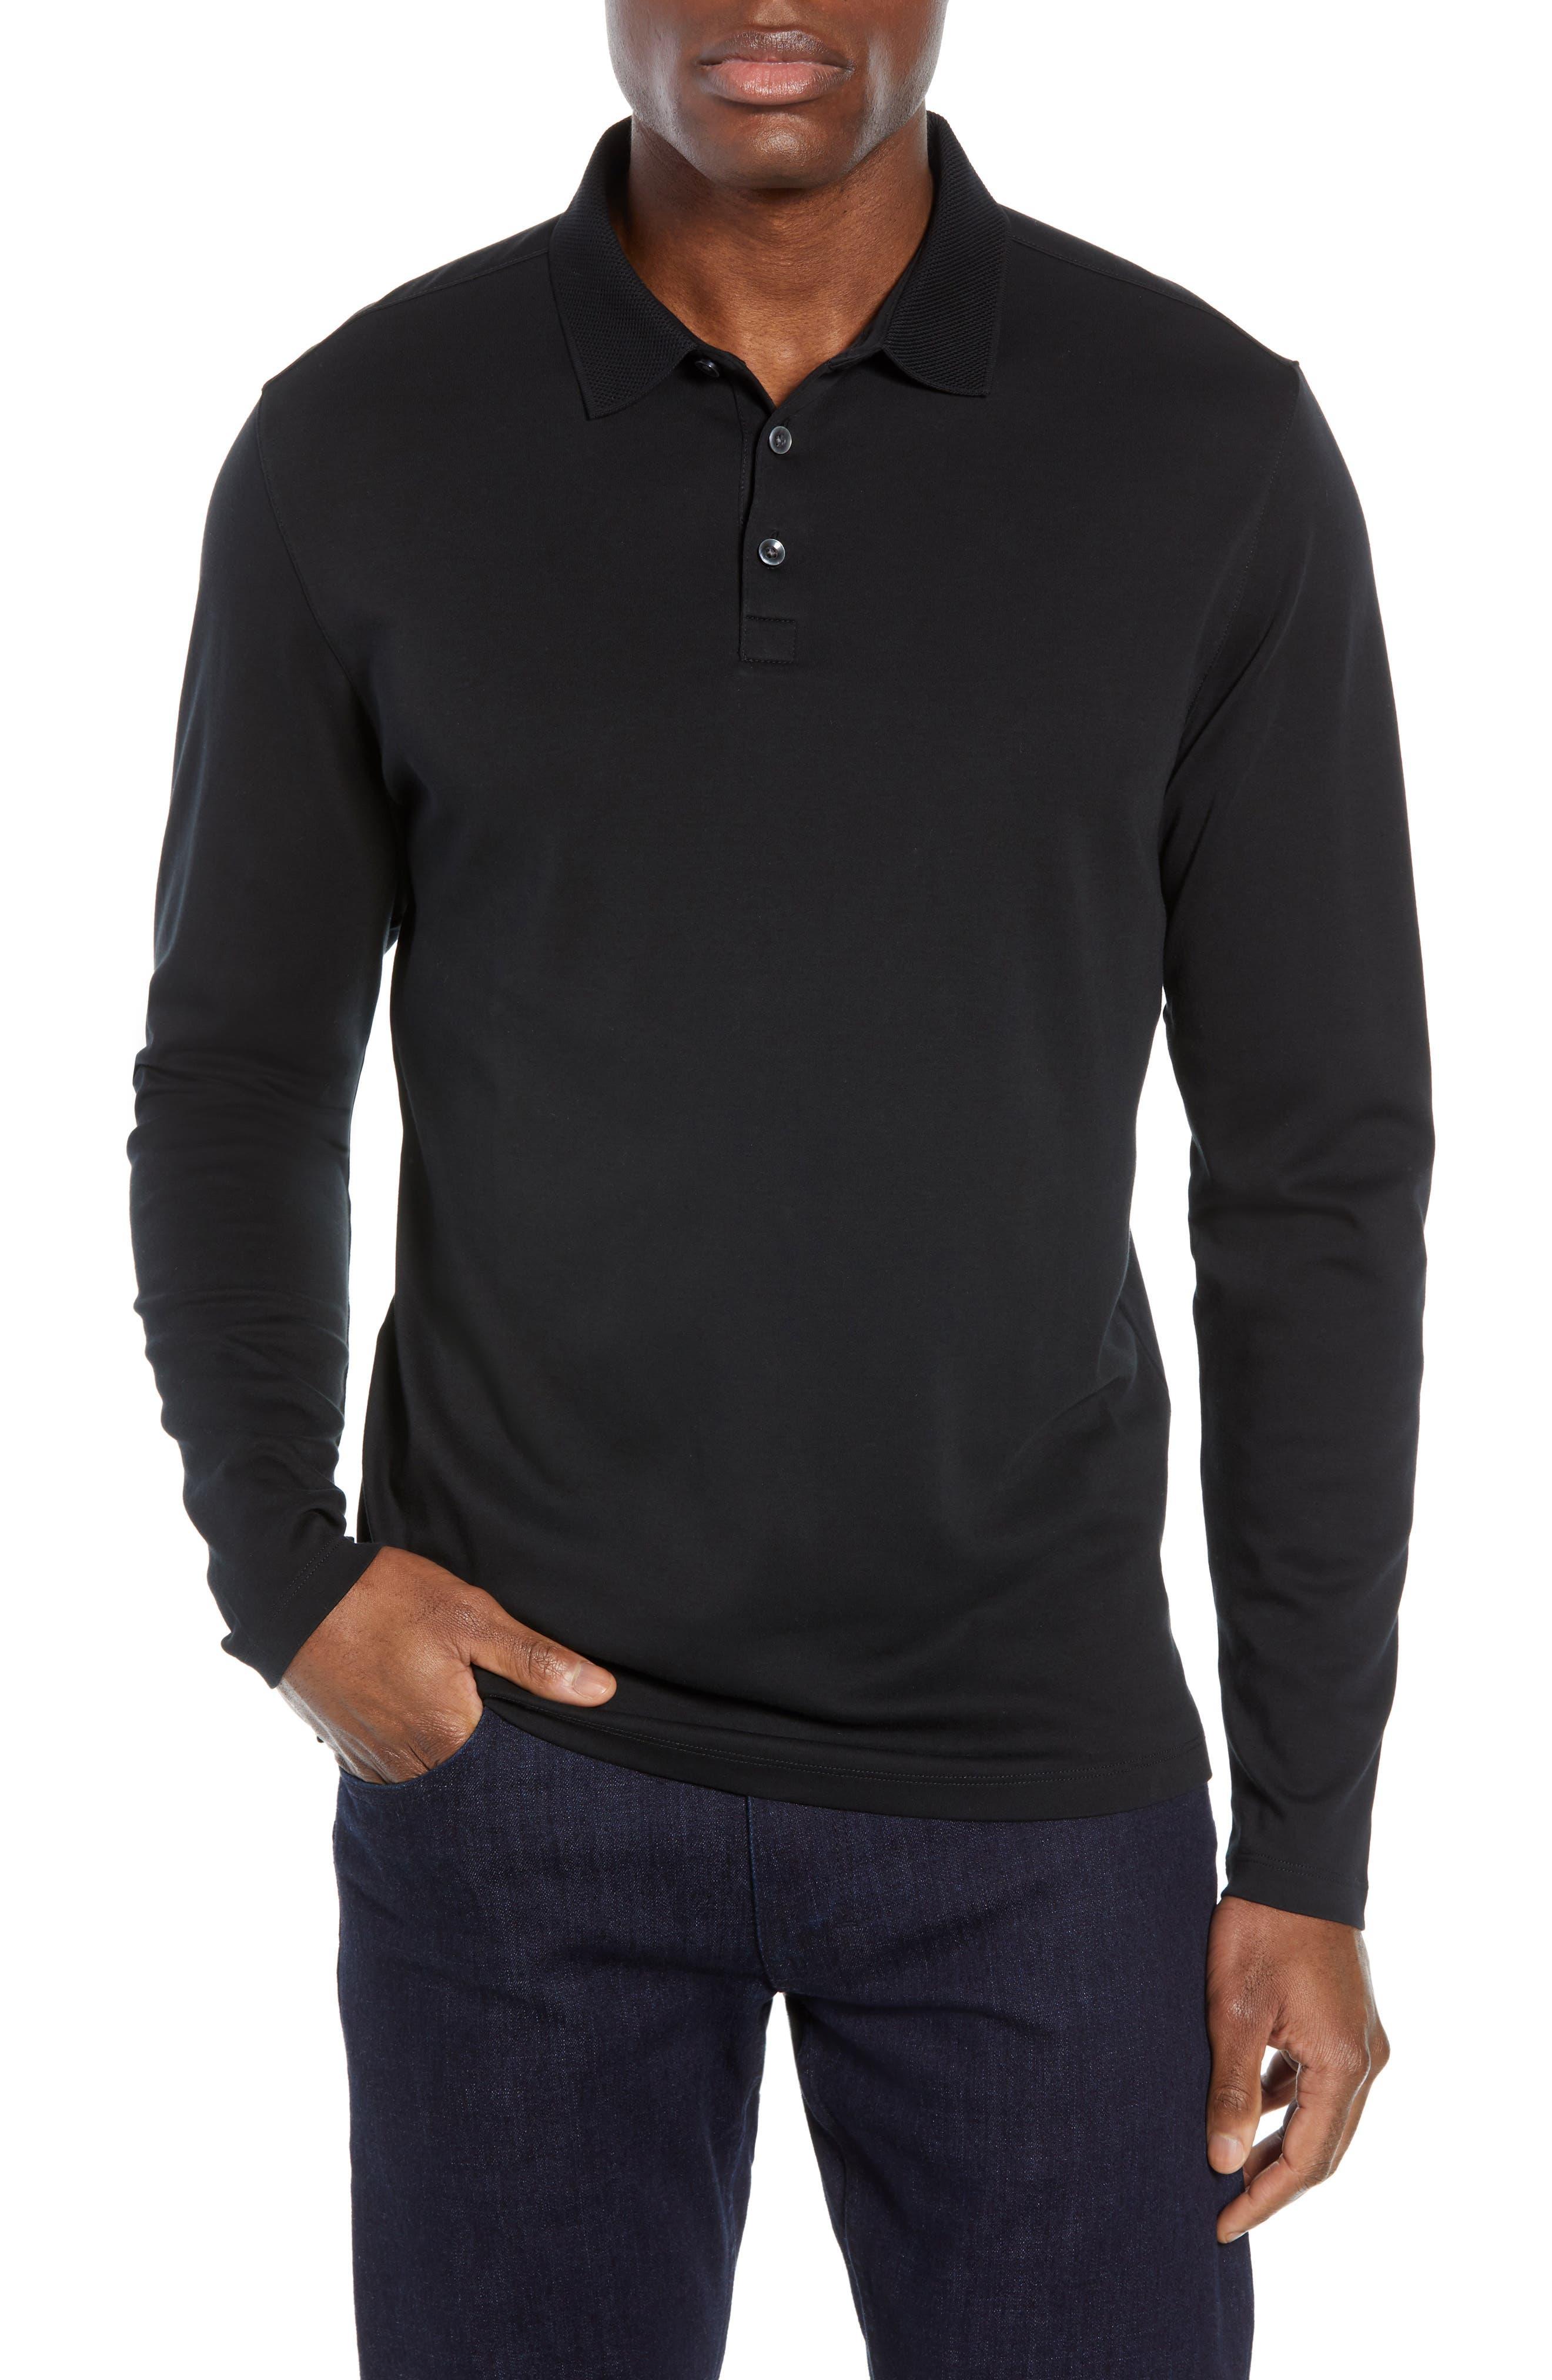 ROBERT BARAKETT Batiste Long Sleeve Polo, Main, color, BLACK